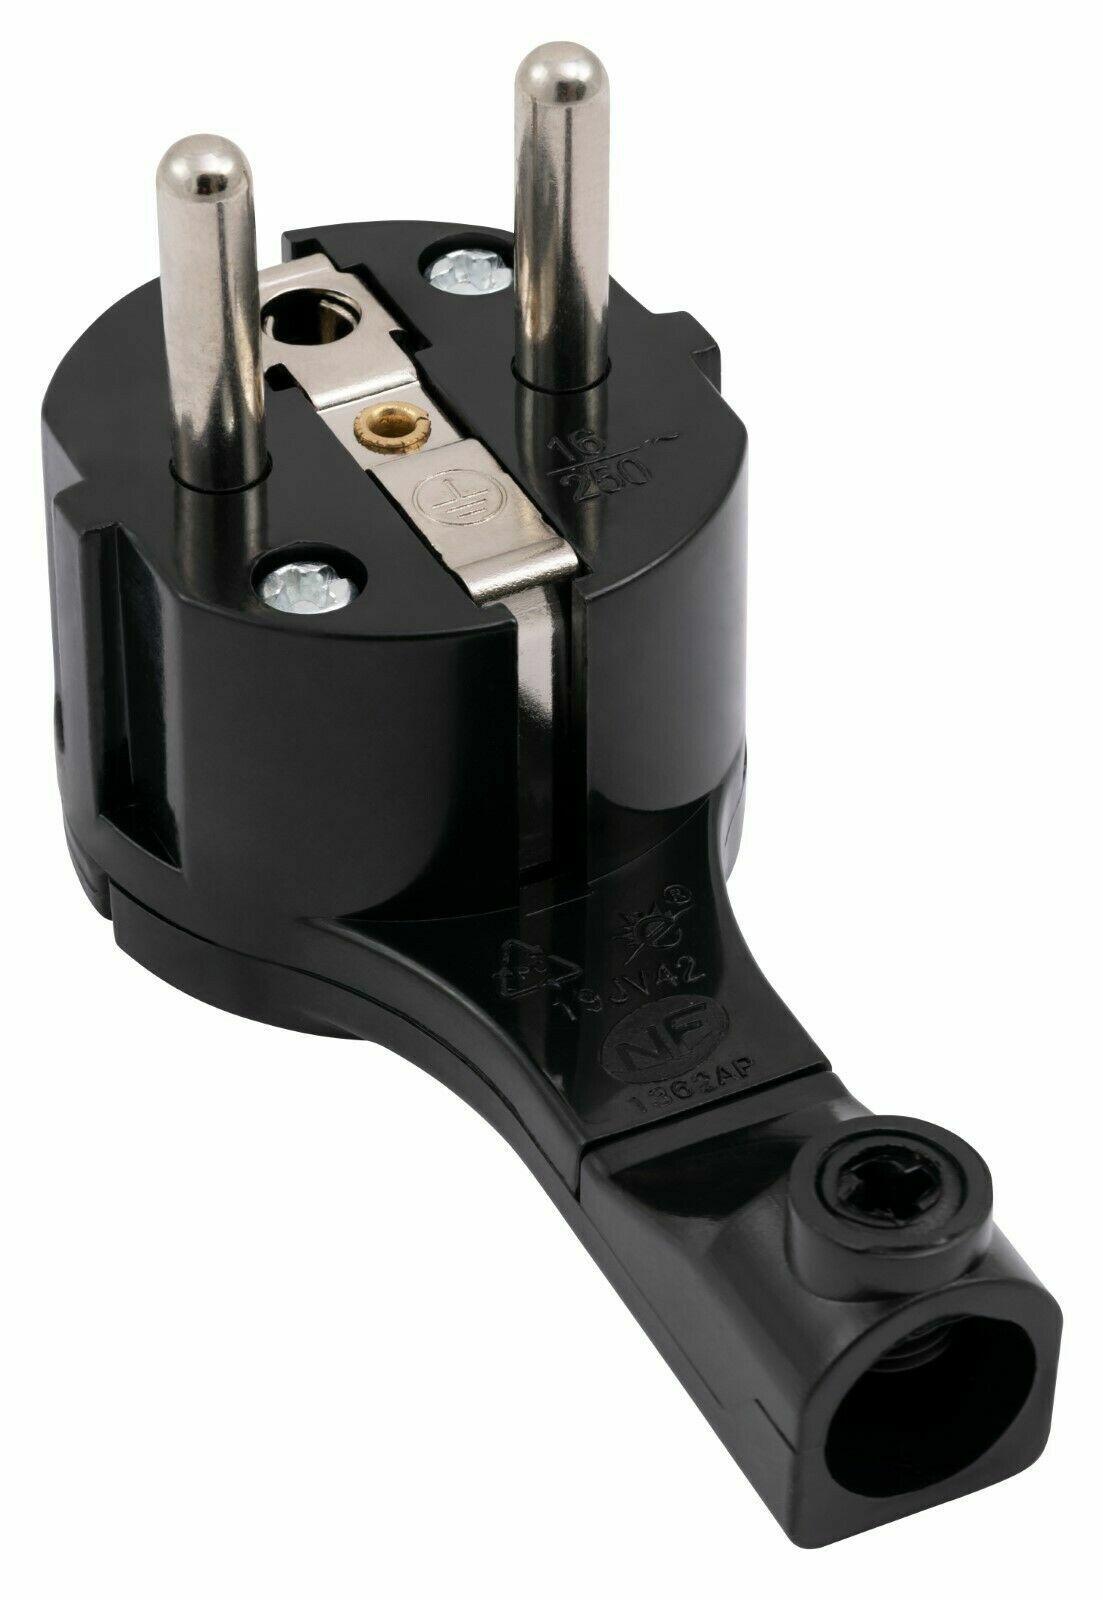 Schukostecker mit Schalter & Winkelstecker 32